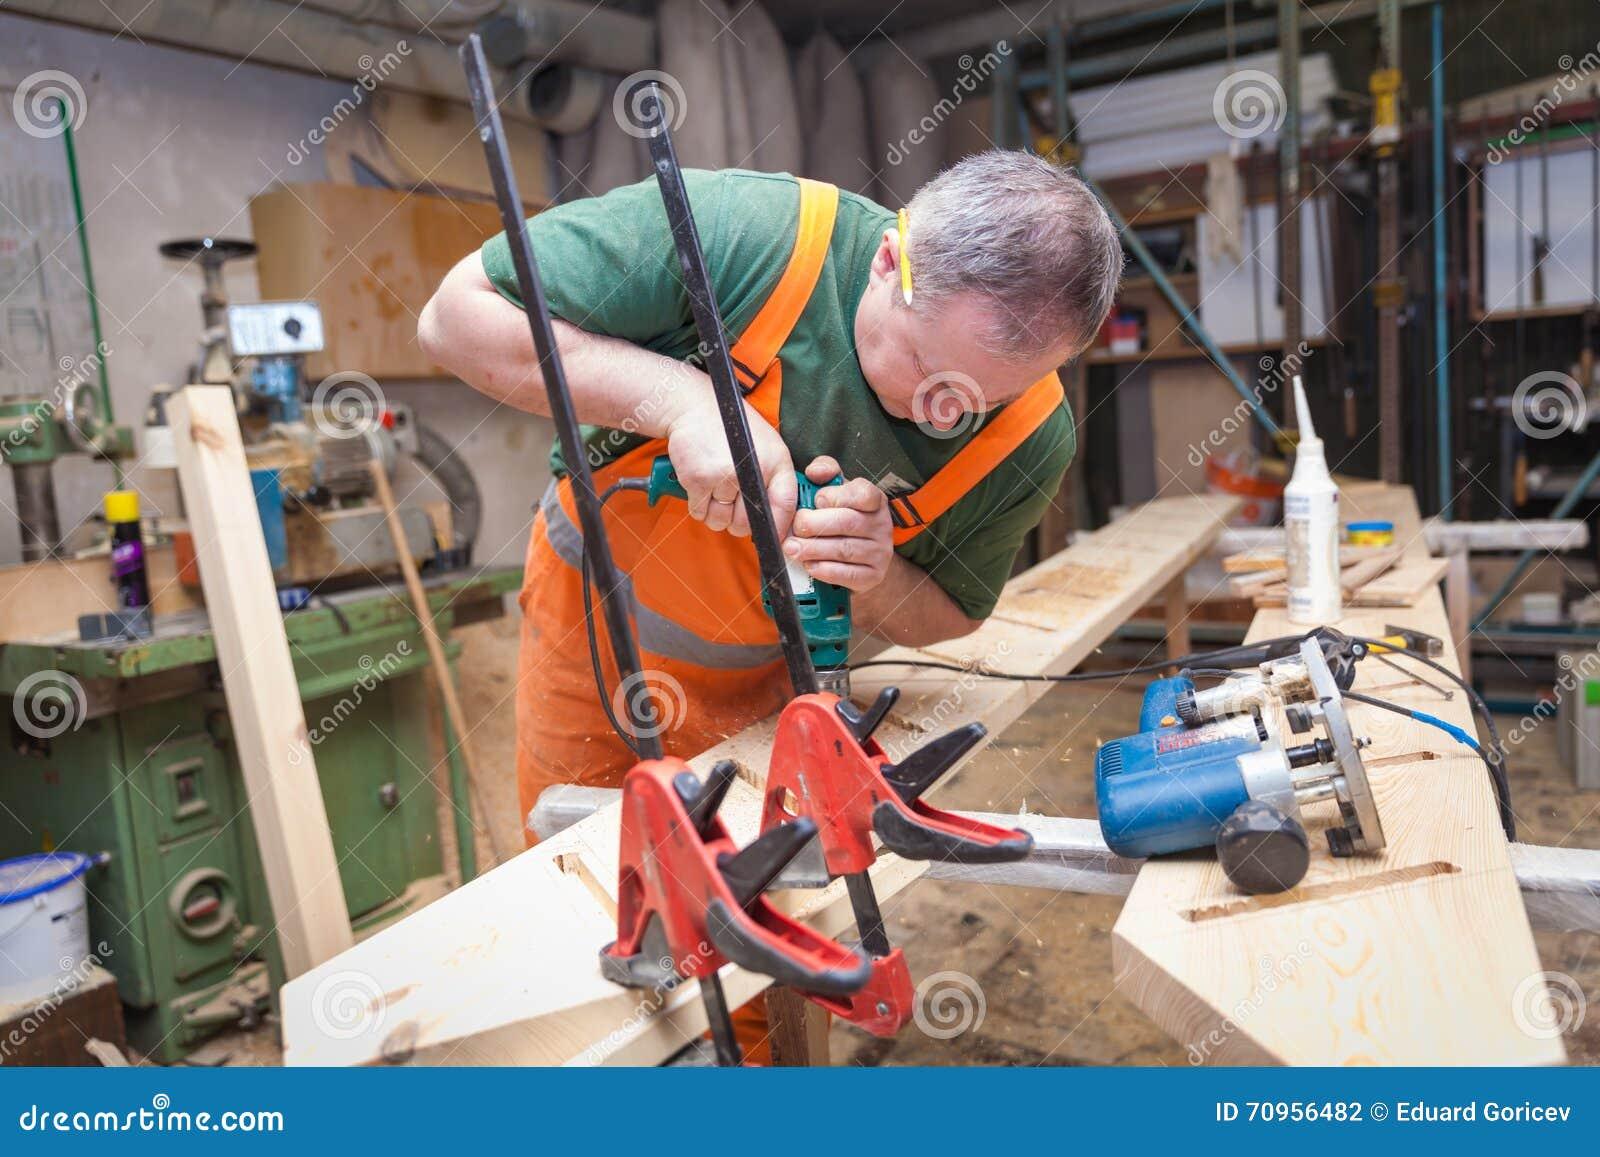 los artesanos en artesana en madera preparan la placa foto de archivo